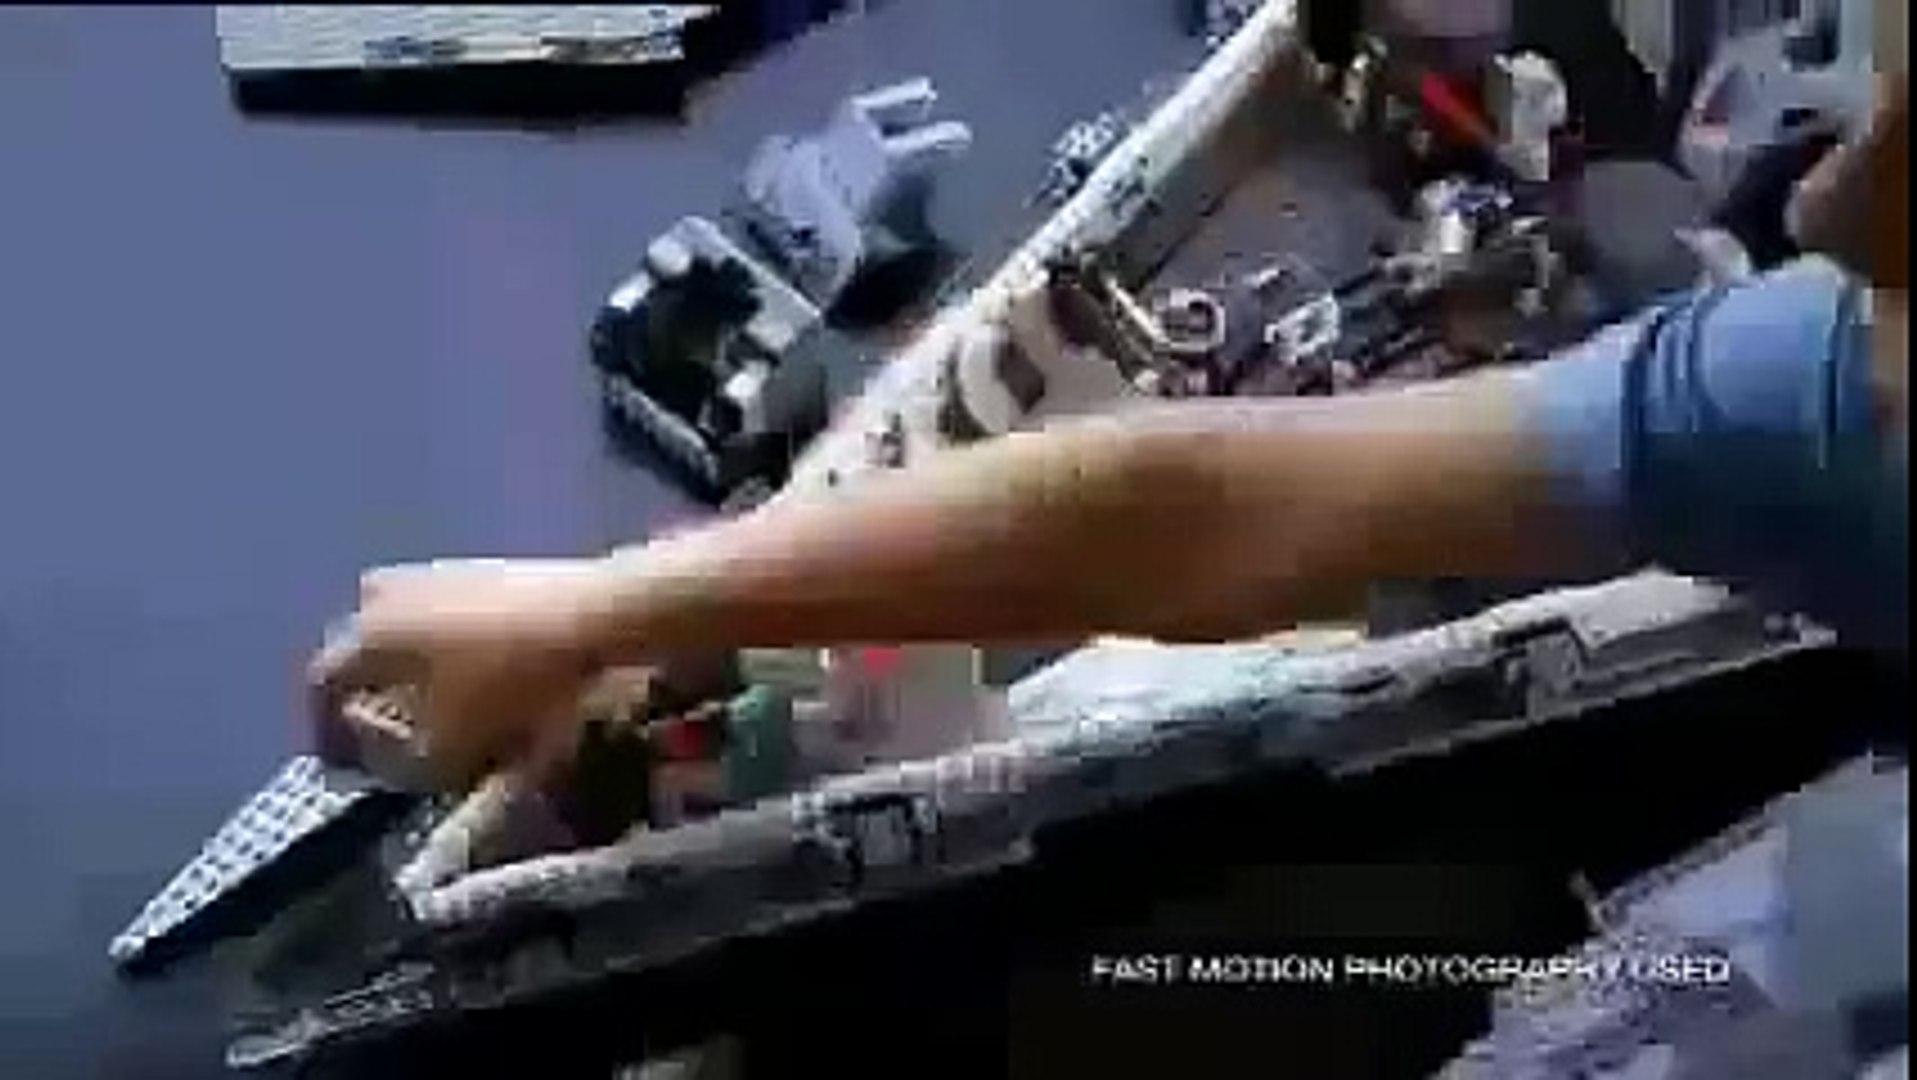 в и к и б б б б б Разоритель истребитель Империал Лего звезда звезда войны крыло 6207 6211 6208